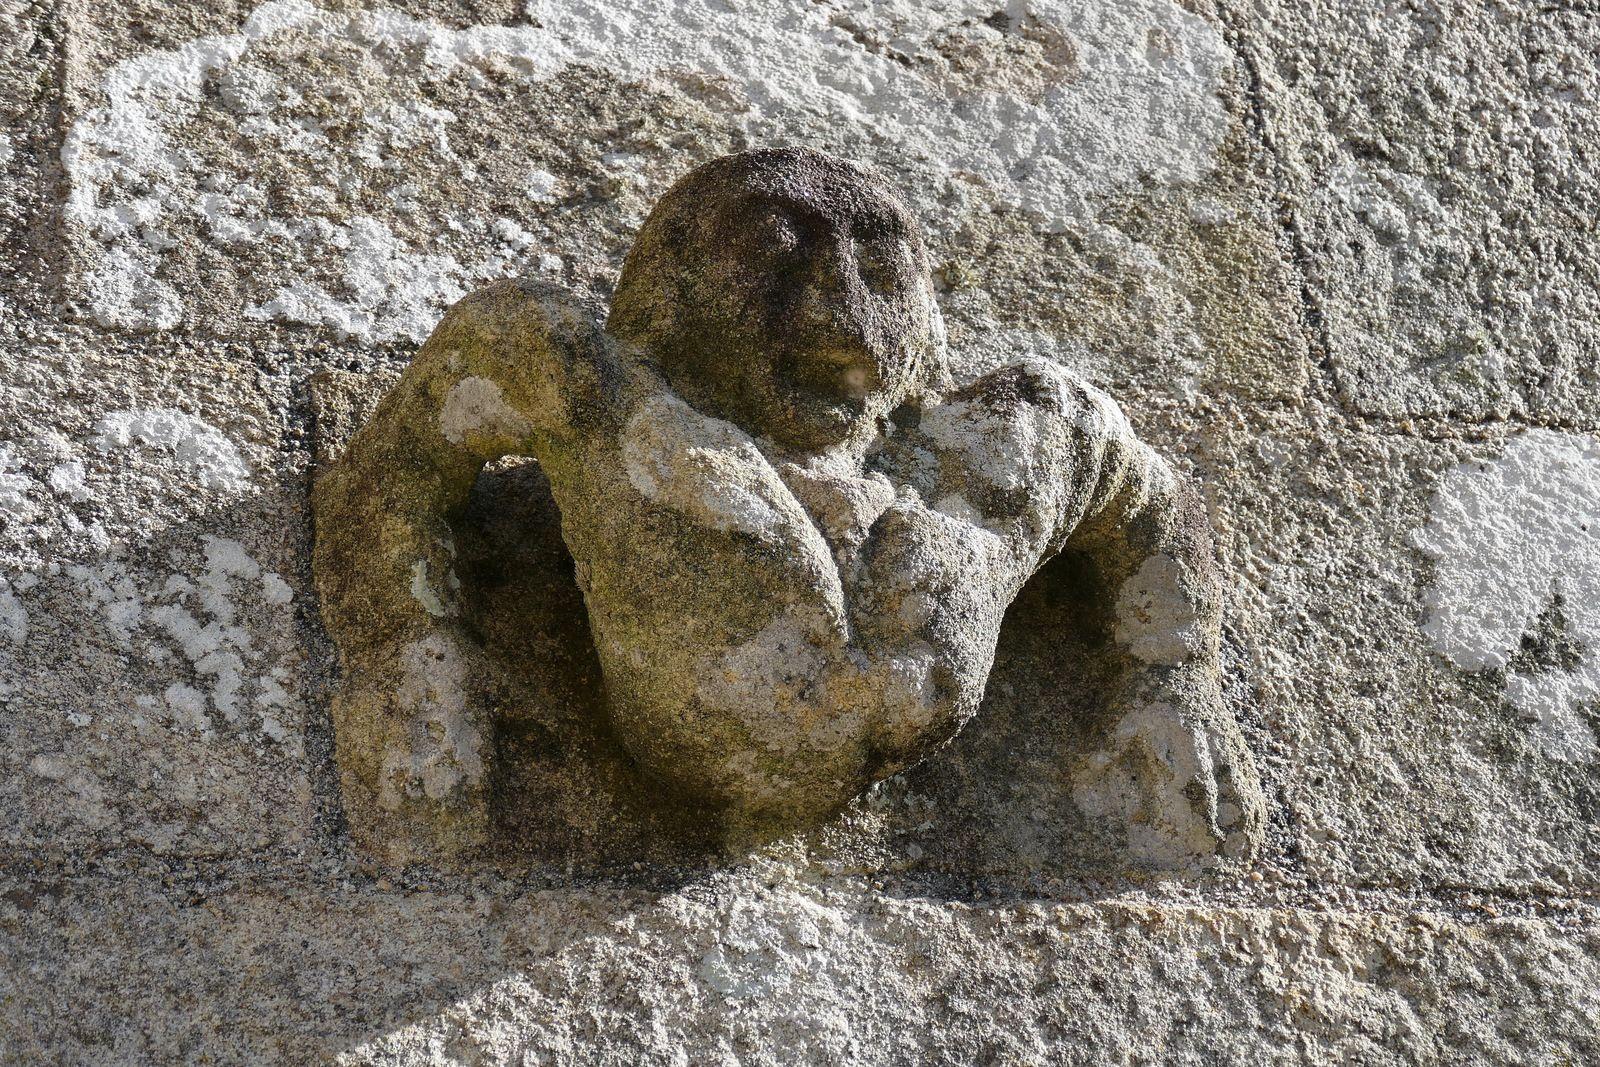 Sacristie de la  chapelle Saint-Tugen en Primelin. Photographie lavieb-aile mars 2020.